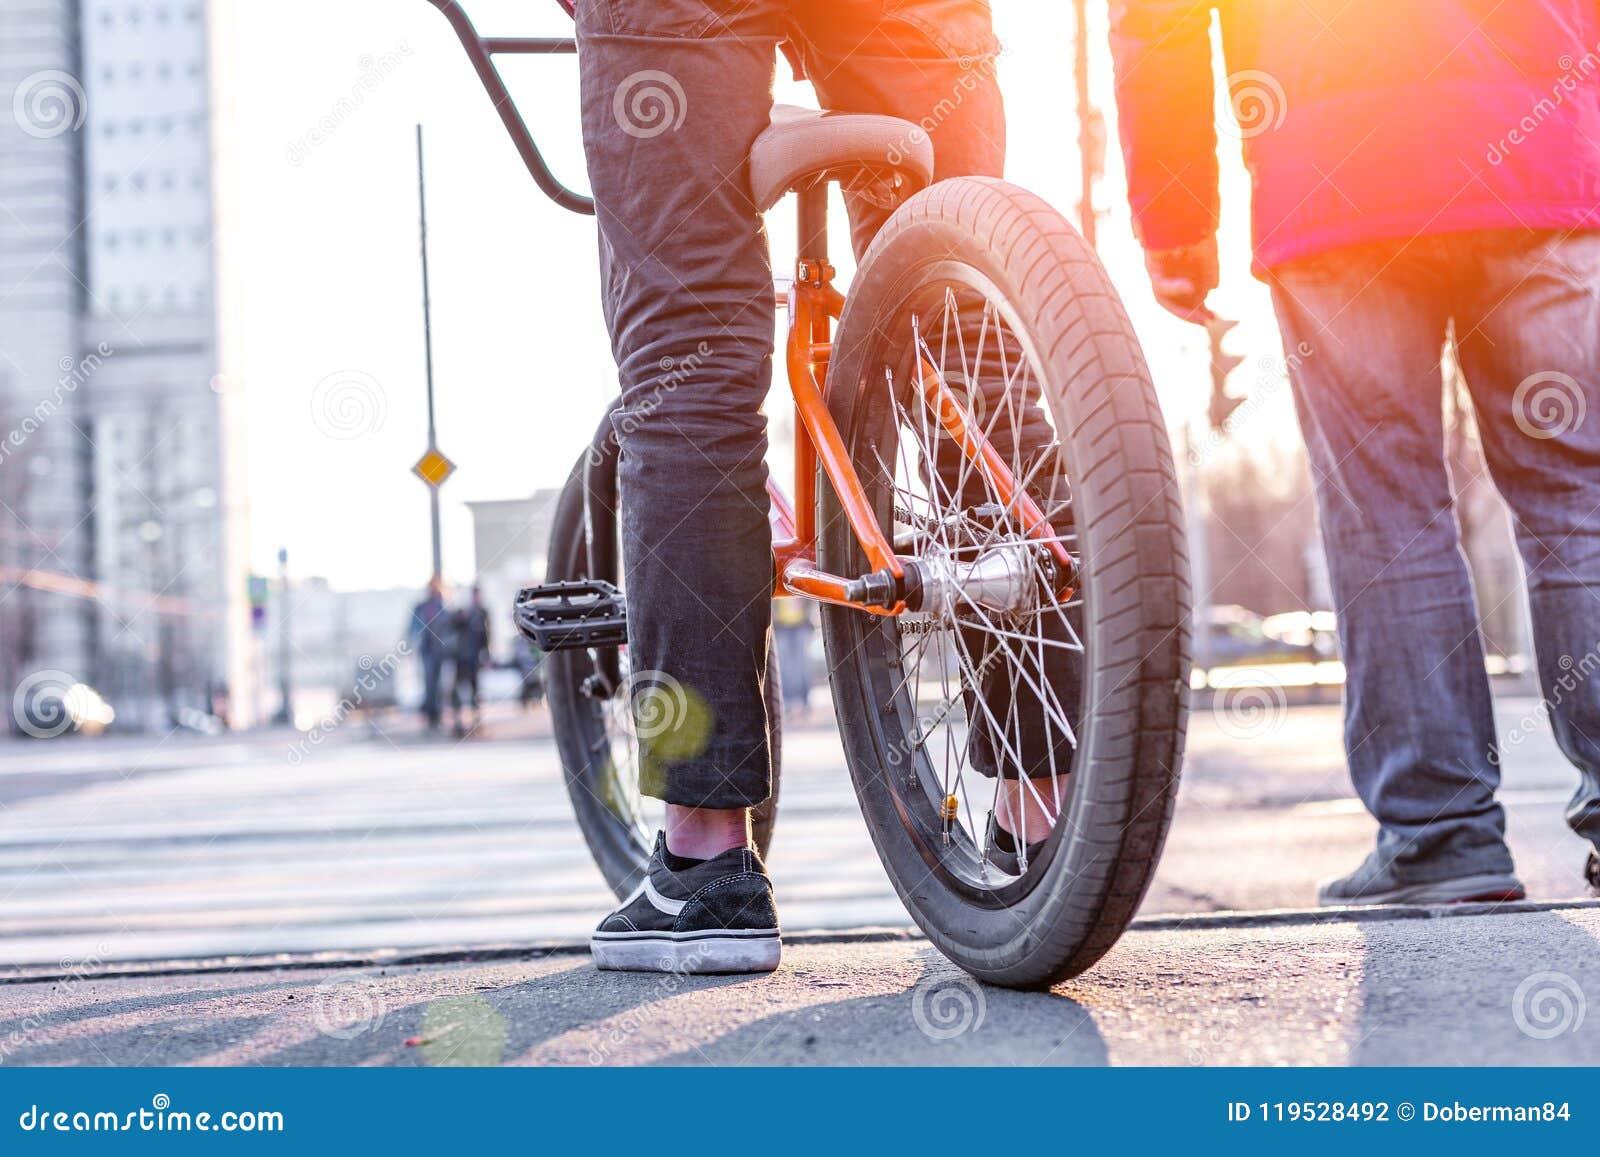 Miastowy jechać na rowerze - nastoletni chłopak jazdy rower w mieście